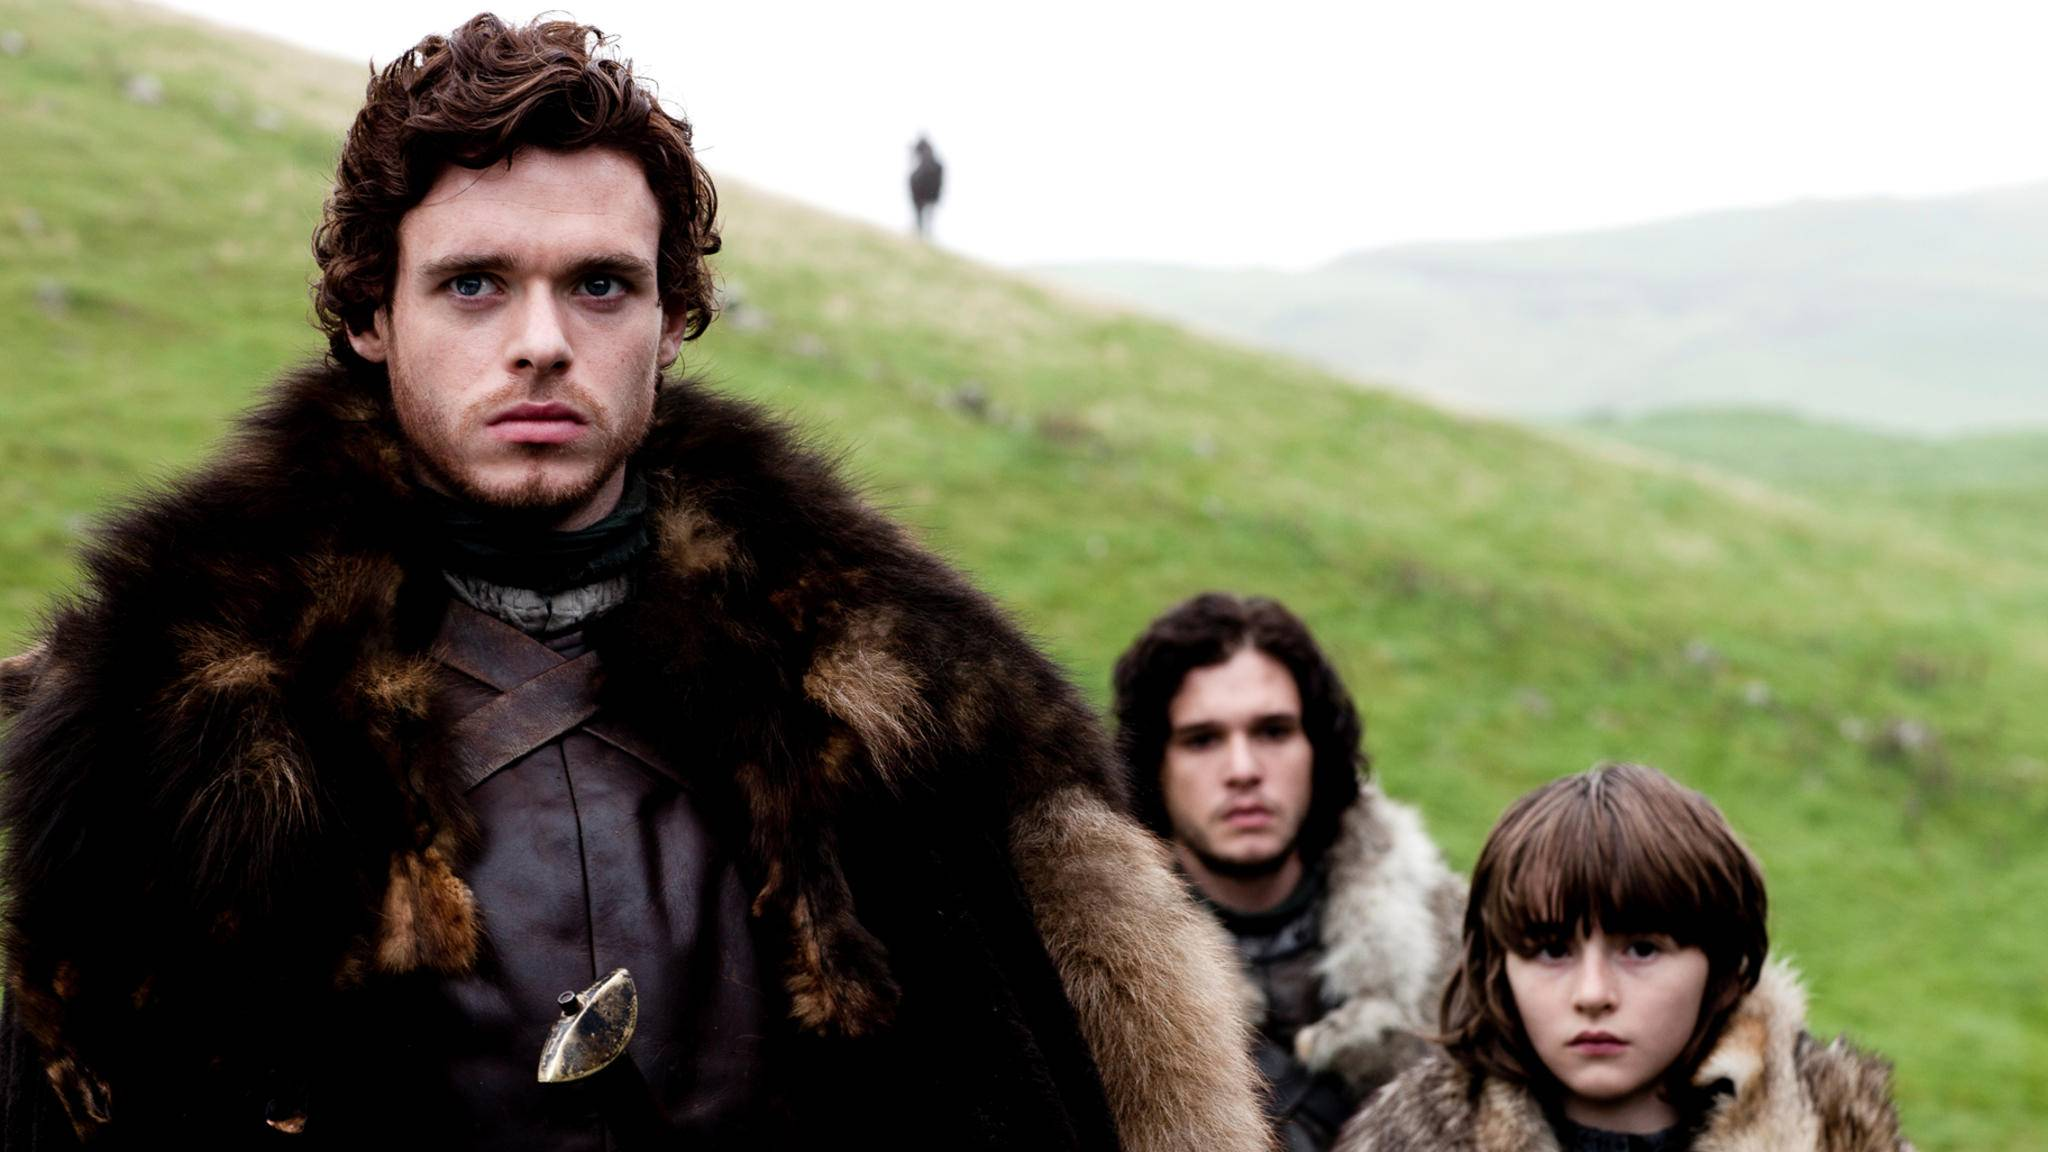 Robb Stark (vorne links) mit seinen Brüdern Jon Snow (hitnen mittig) und Bran Stark (rechts).